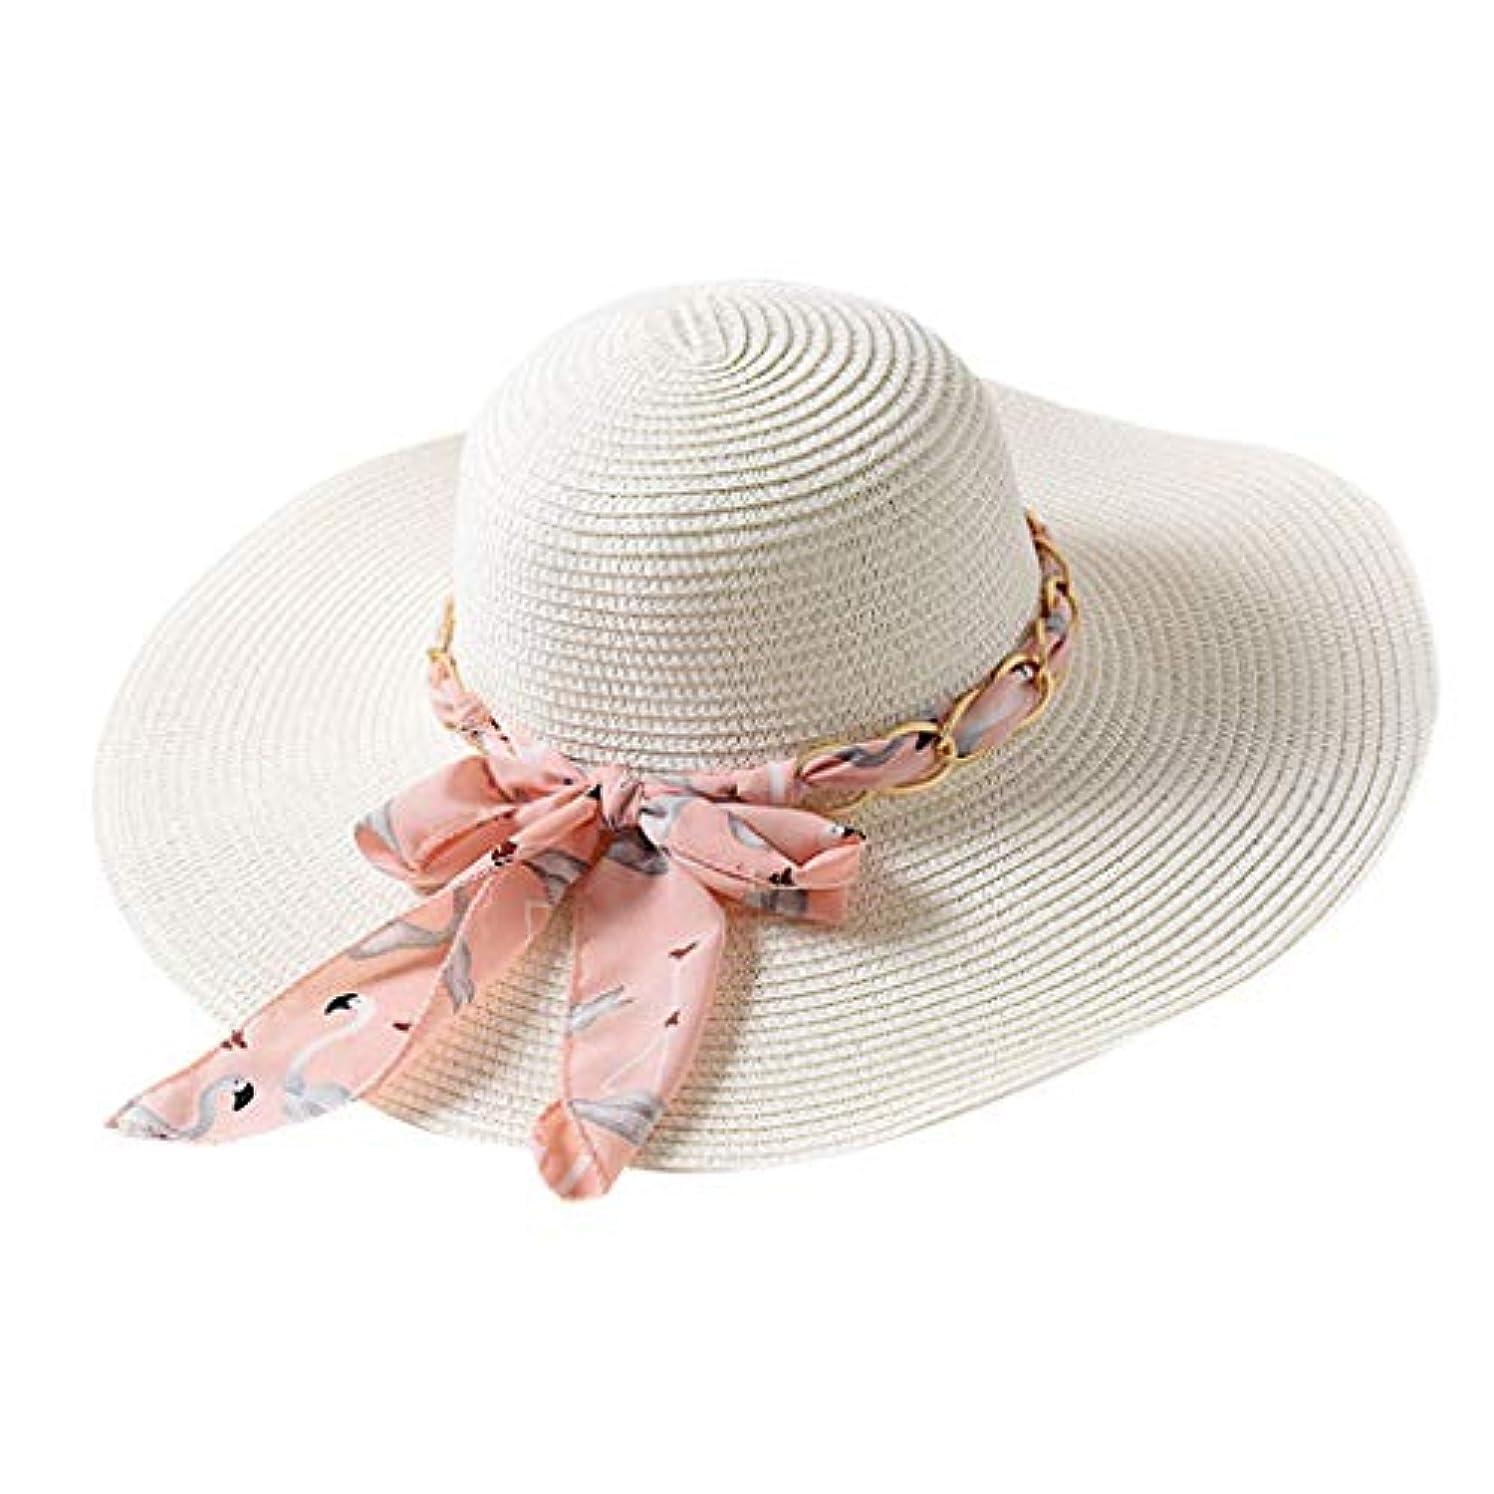 名誉視力推進ファッション小物 夏 帽子 レディース UVカット 帽子 ハット レディース 紫外線対策 日焼け防止 取り外すあご紐 つば広 おしゃれ 可愛い 夏季 折りたたみ サイズ調節可 旅行 女優帽 小顔効果抜群 ROSE ROMAN